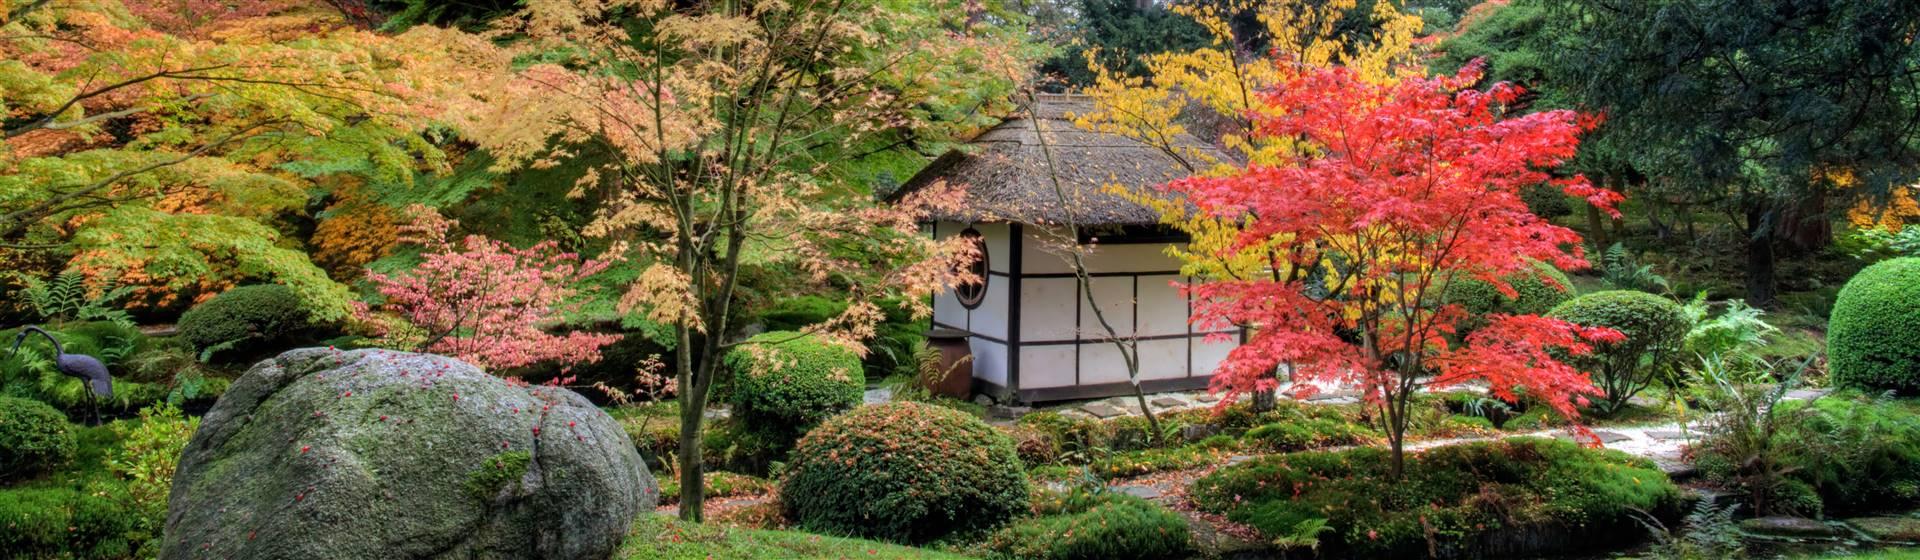 The Japanese Garden at Tatton Park Estate & Gardens in Cheshire